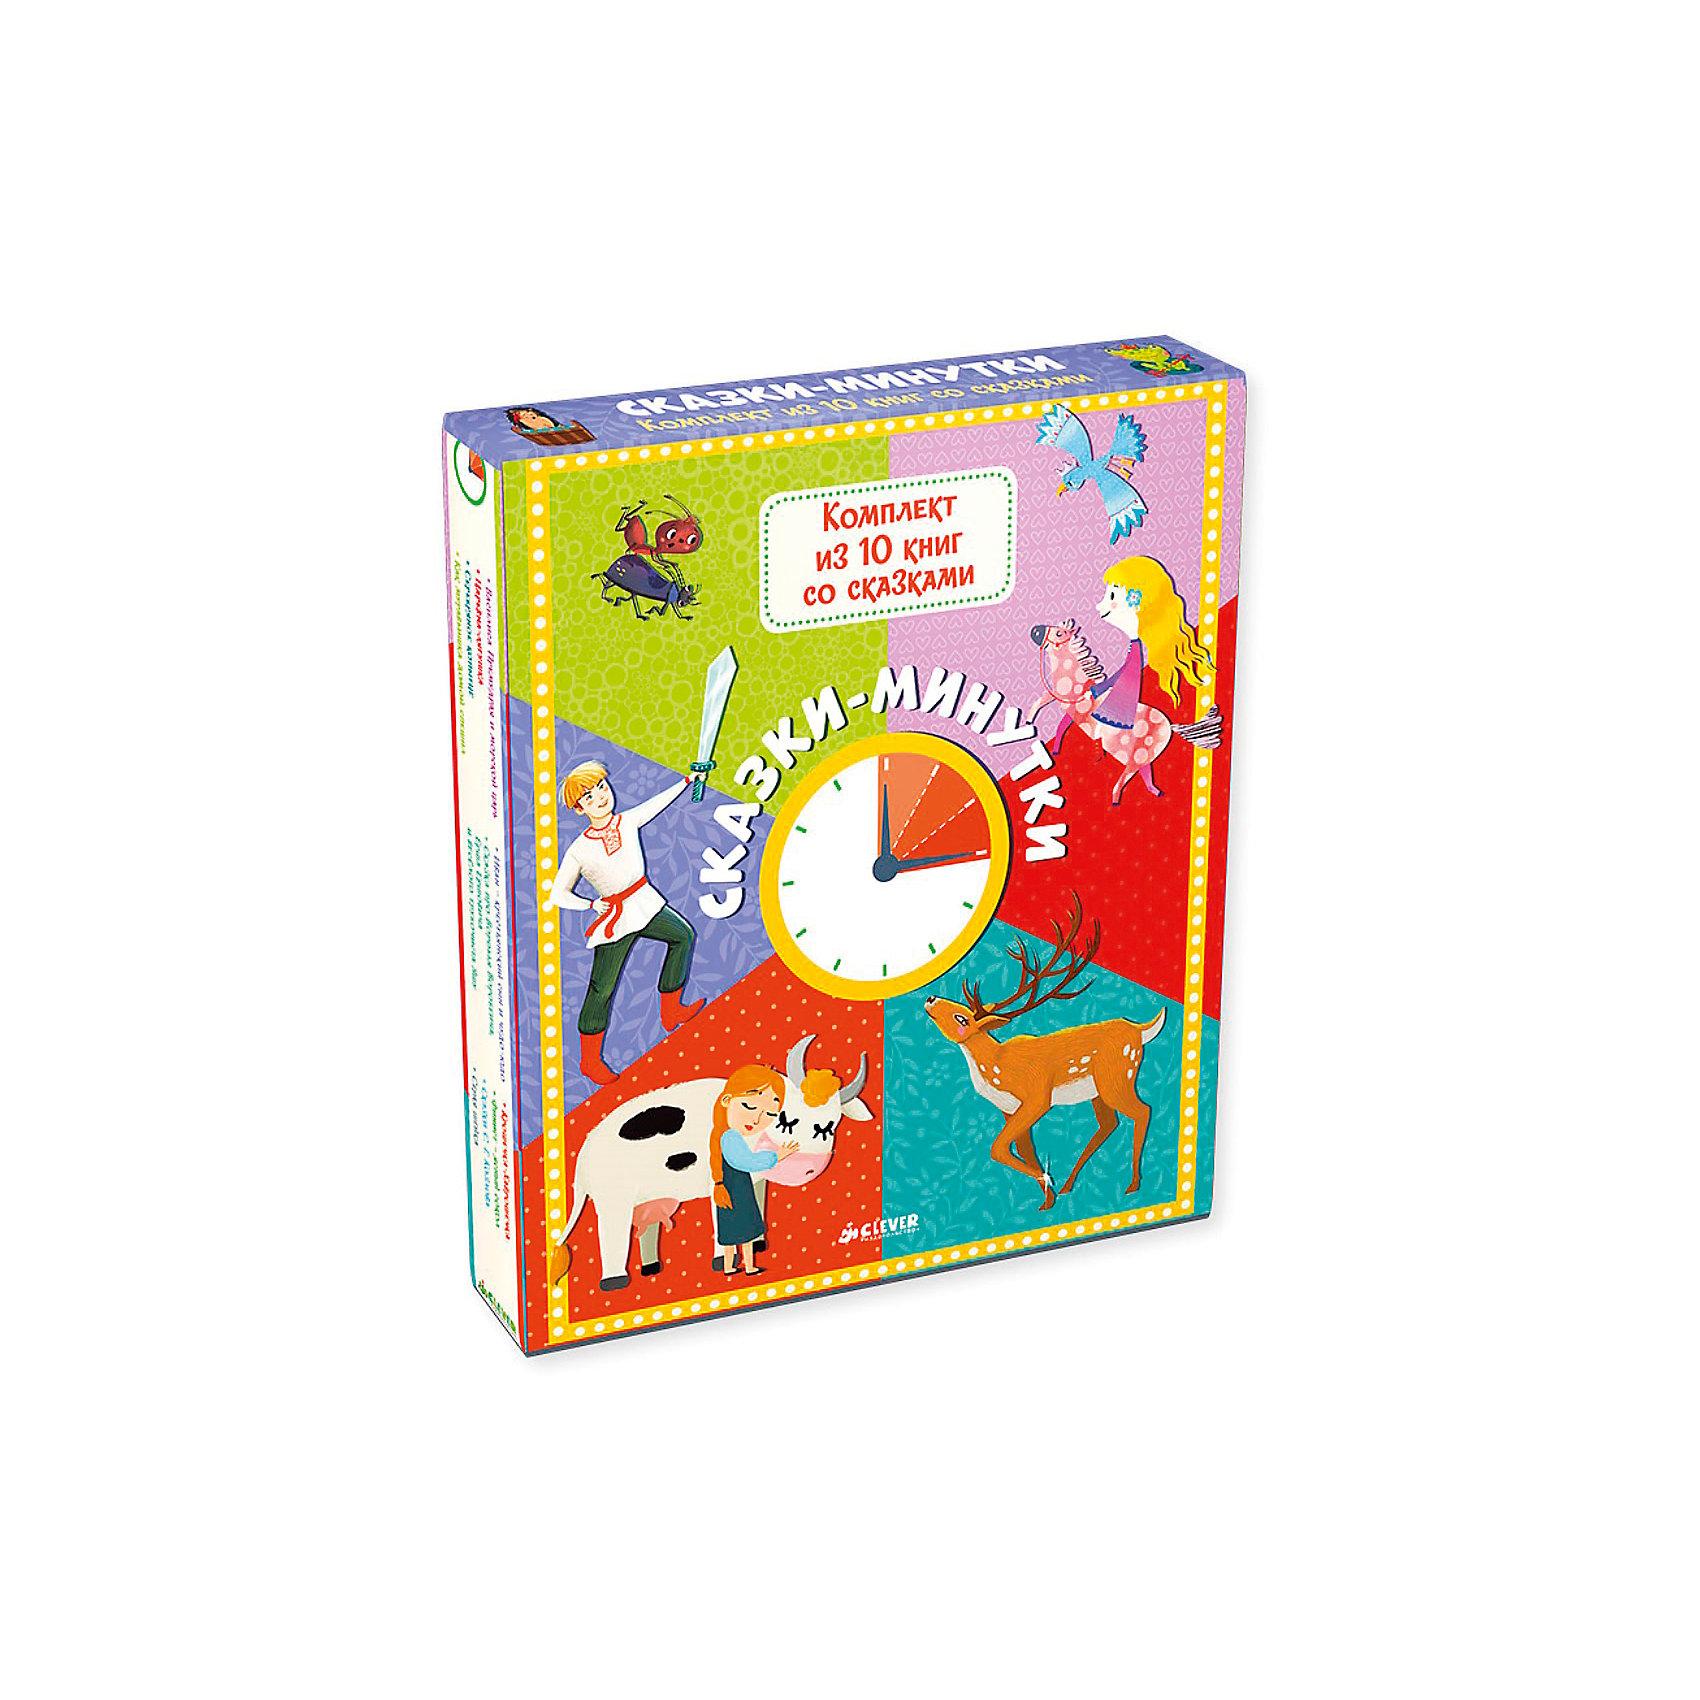 Комплект Сказки-минутки (10 книг)Чтение перед сном - один из самых важных и приятных моментов в воспитании ребенка, повод для общения и создания хорошего настроения. Наши яркие иллюстрированные книжечки, вошедшие в серию Сказки-минутки, помогут вам провести это время с максимальной пользой и удовольствием. В комплект входят: 1.Василиса Премудрая и морской царь 2.Царевна-лягушка 3.Серебряное копытце 4.Как муравьишка домой спешил 5.Иван - крестьянский сын и чудо-юдо 6.Сказка про Воробья Воробеича, Ерша Ершовича и веселого трубочиста Яшу 7.Крошечка-Хаврошечка 8.Финист - ясный сокол 9.Сказки С. Г. Козлова 10.Серая шейка<br><br>Ширина мм: 255<br>Глубина мм: 215<br>Высота мм: 5<br>Вес г: 800<br>Возраст от месяцев: 84<br>Возраст до месяцев: 132<br>Пол: Унисекс<br>Возраст: Детский<br>SKU: 4799462